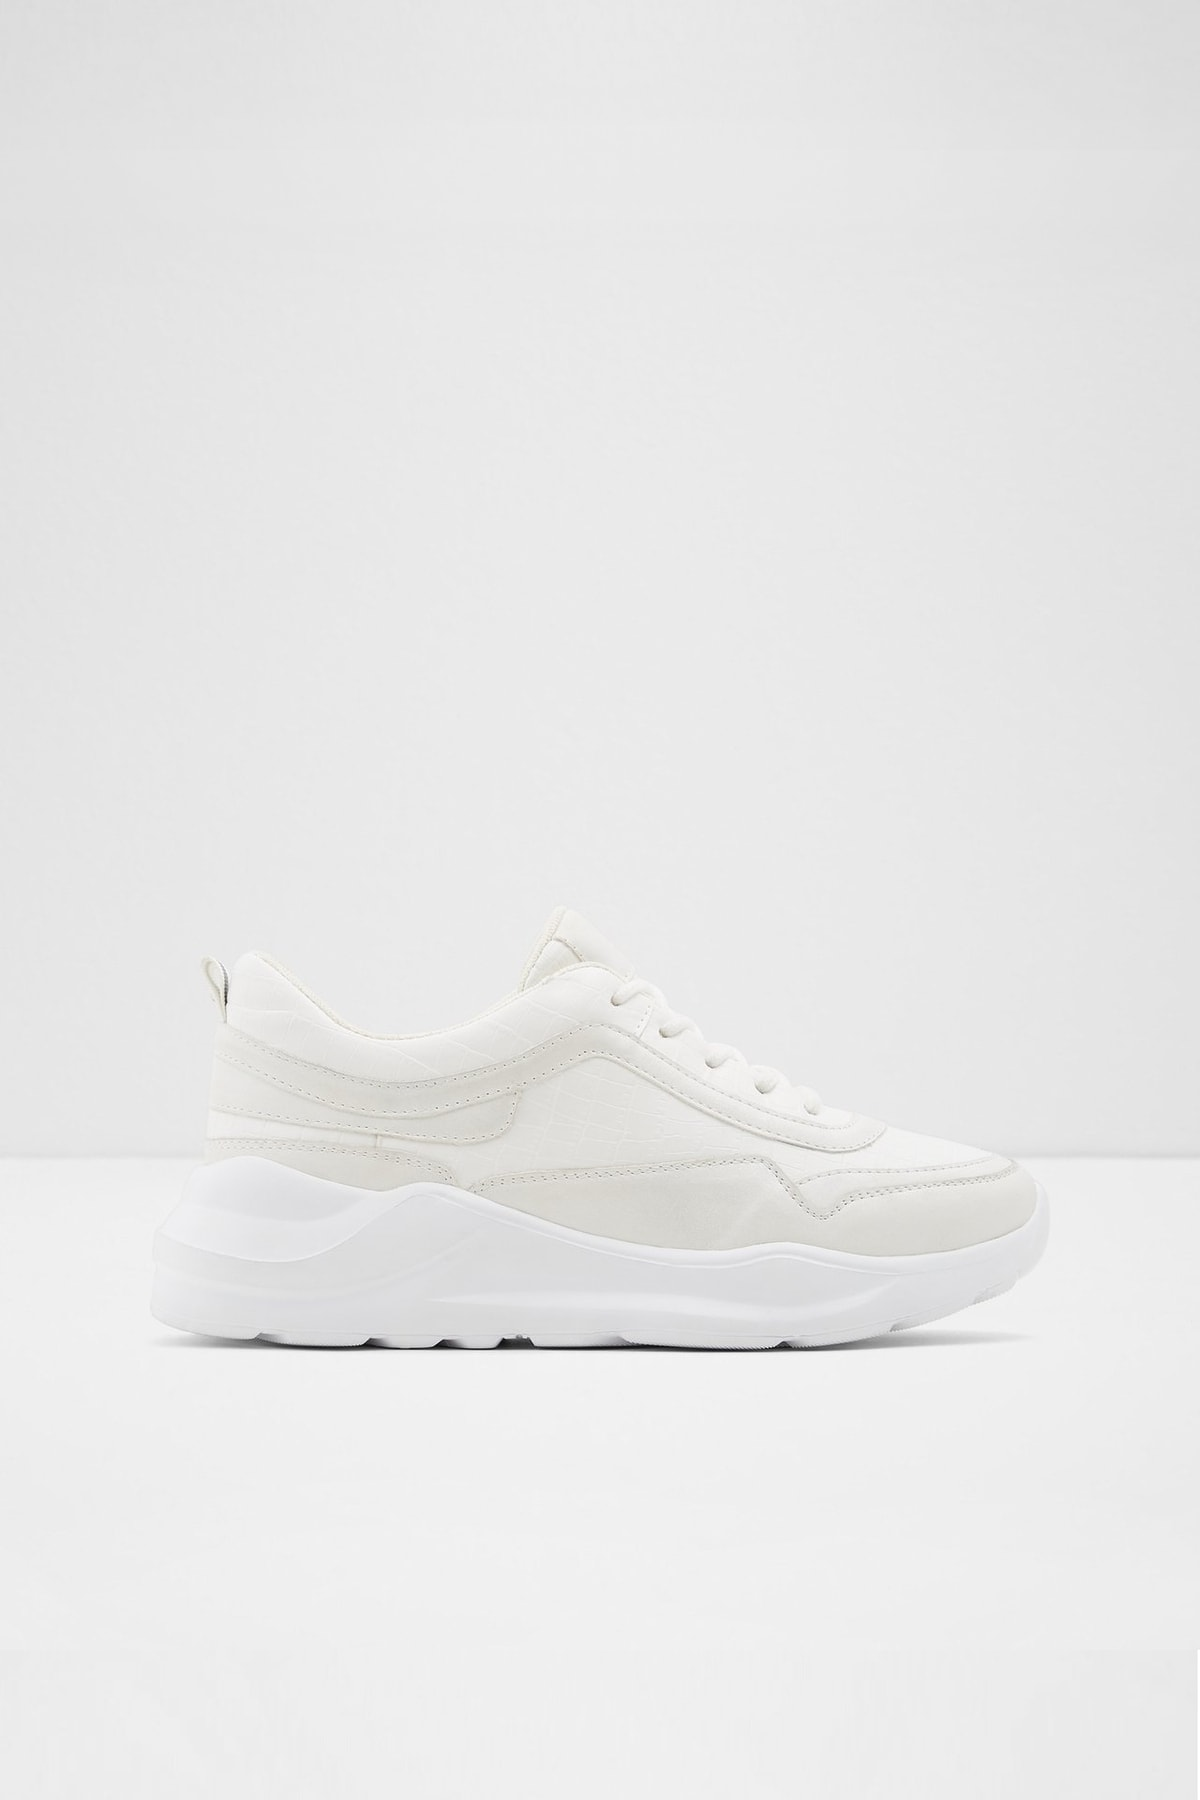 Aldo Kadın Beyaz Bağcıklı Sneaker 1